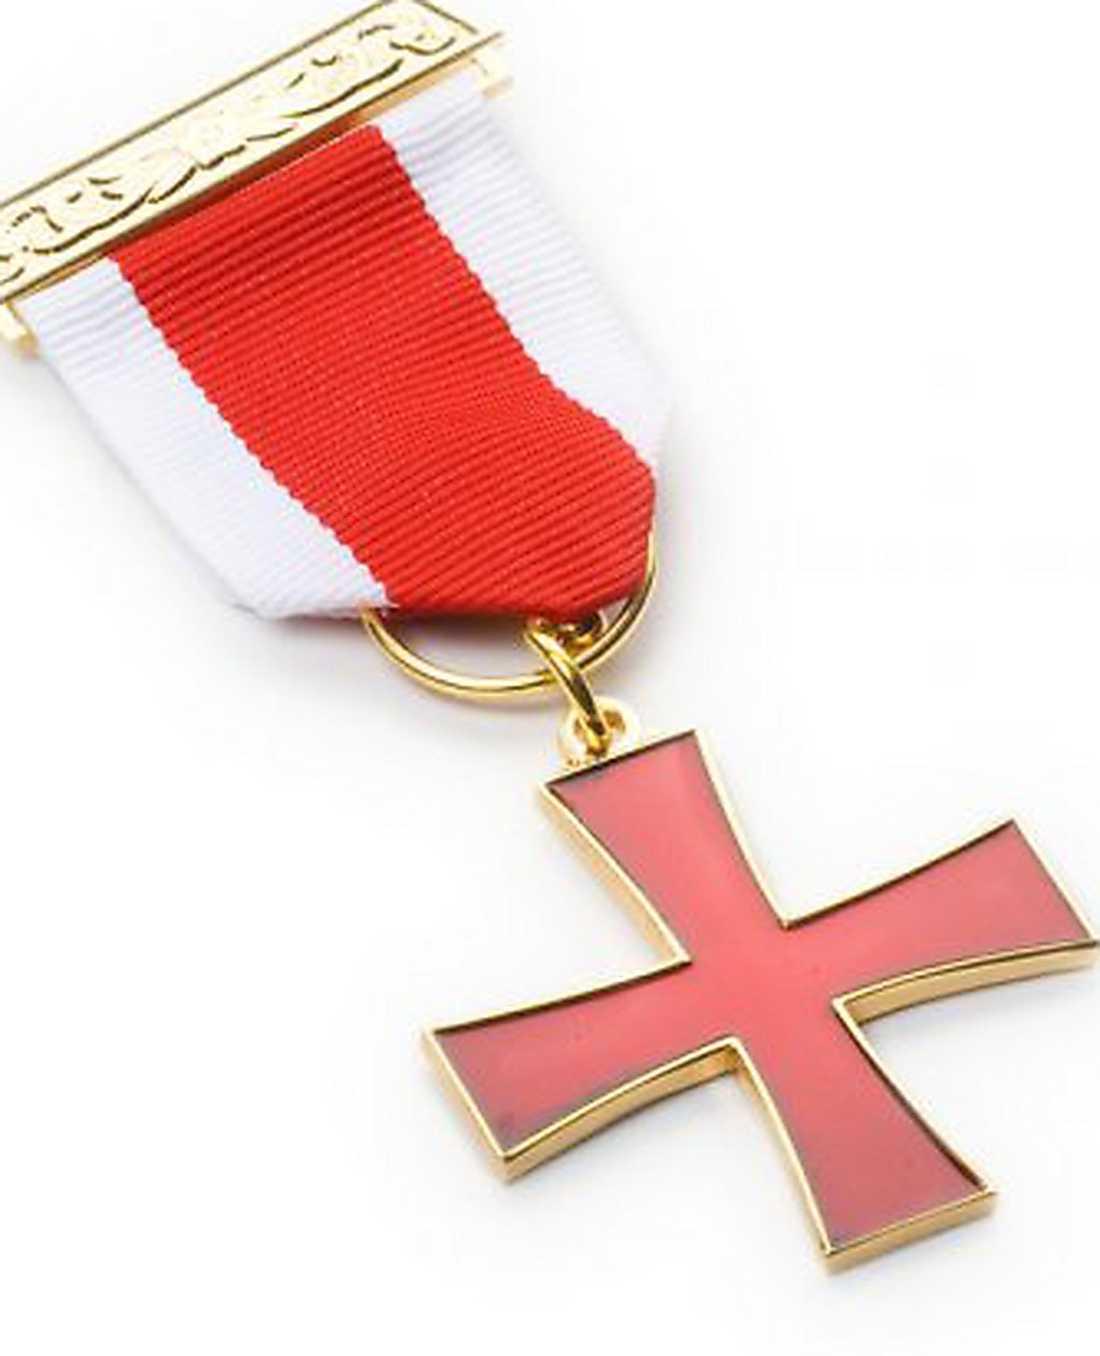 I manifestet kallar Anders Behring Breivik korset för Justiciar Knight Military Order of the Martyrs, som han hävdar ges till de medlemmar som mister livet i en operation. Egentligen heter det Knights Templar Breast Jewel.